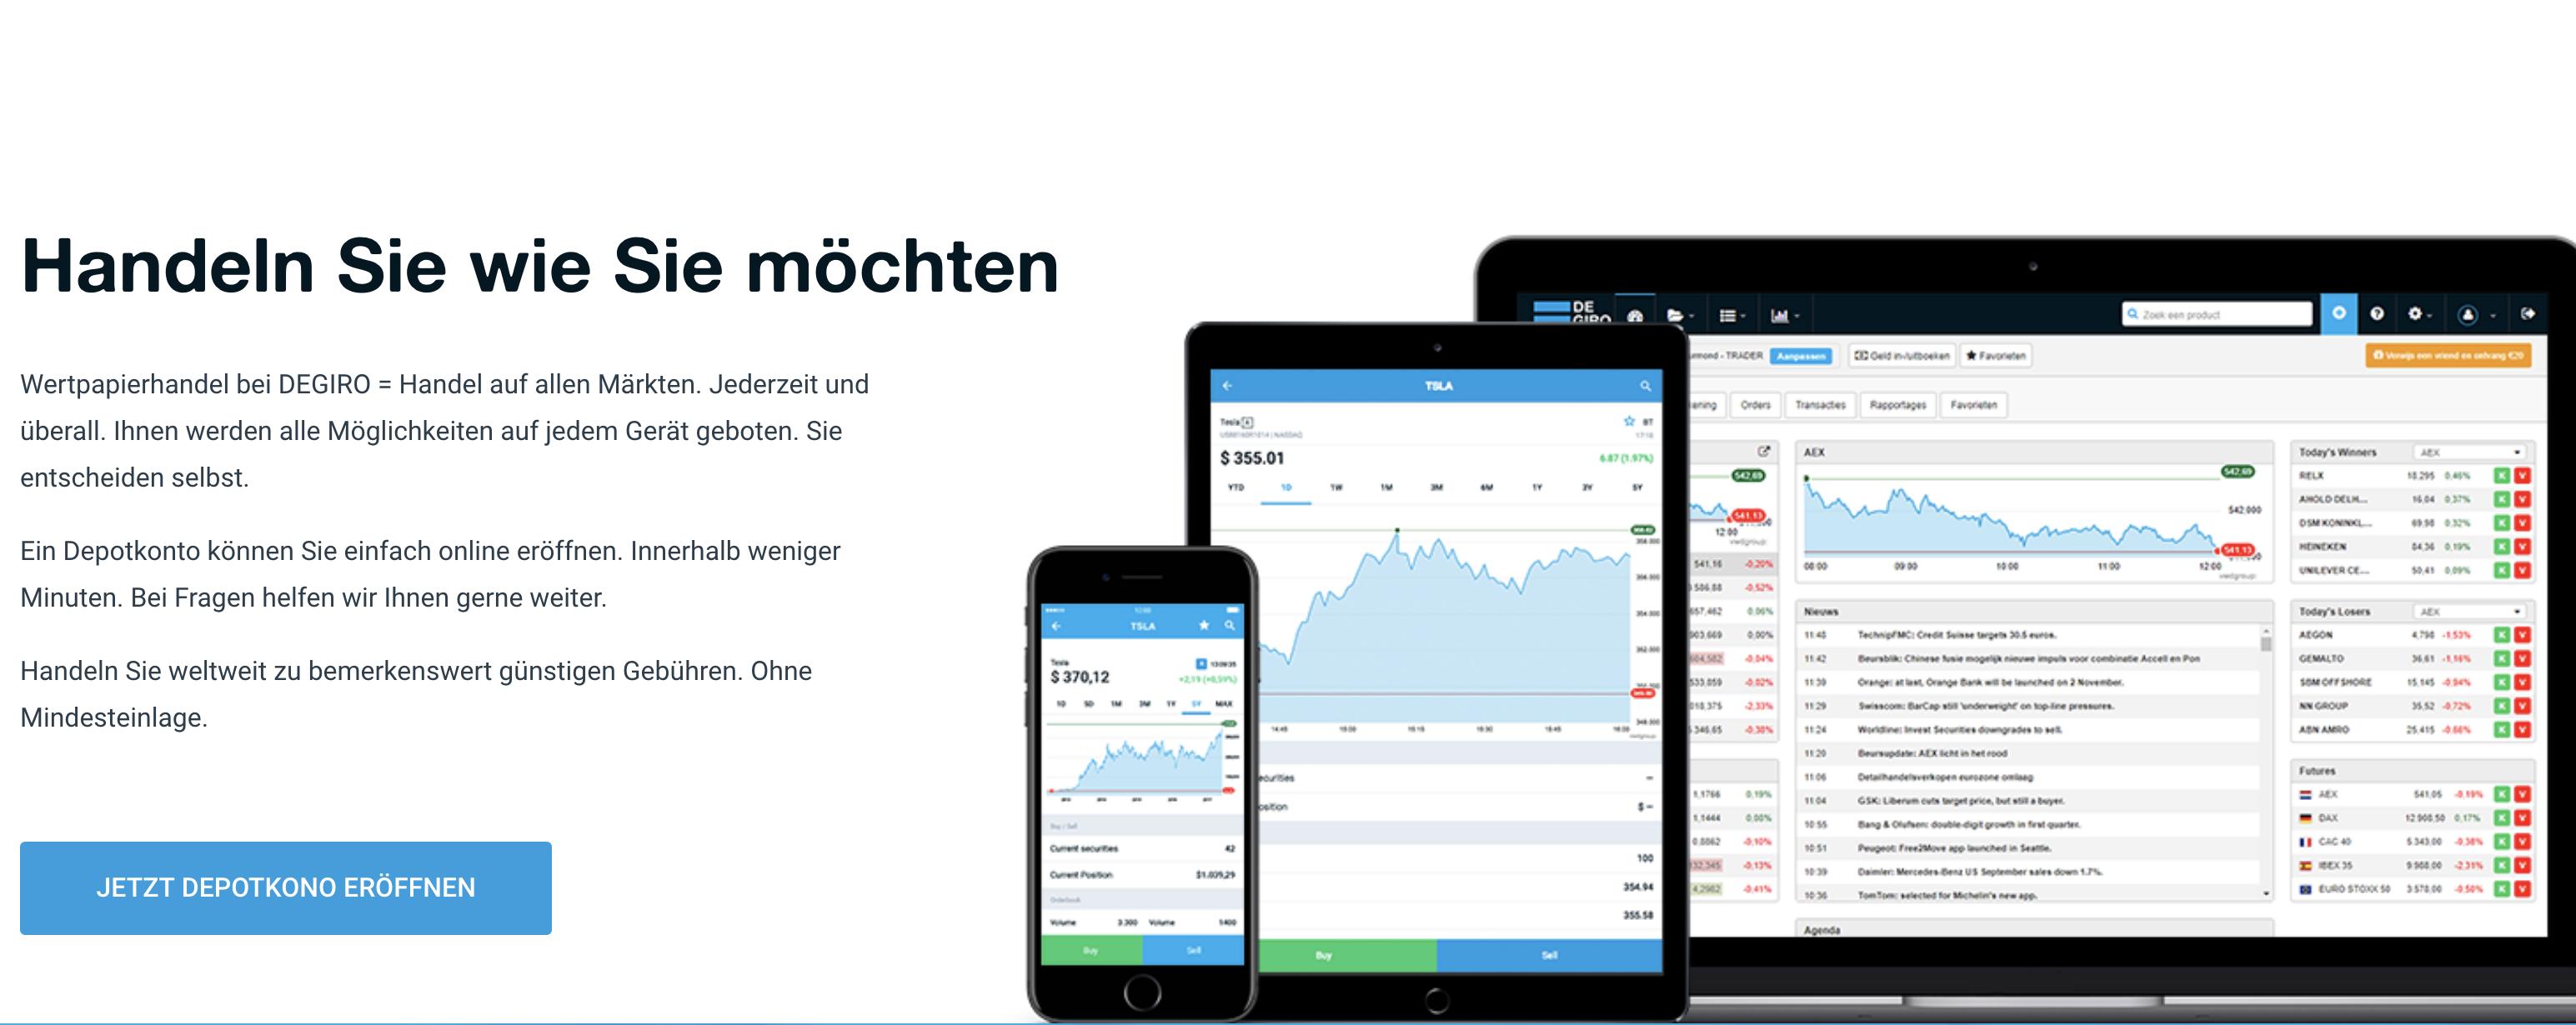 DEGIRO bietet seine Finanzprodukte auf verschiedenen Plattformen an